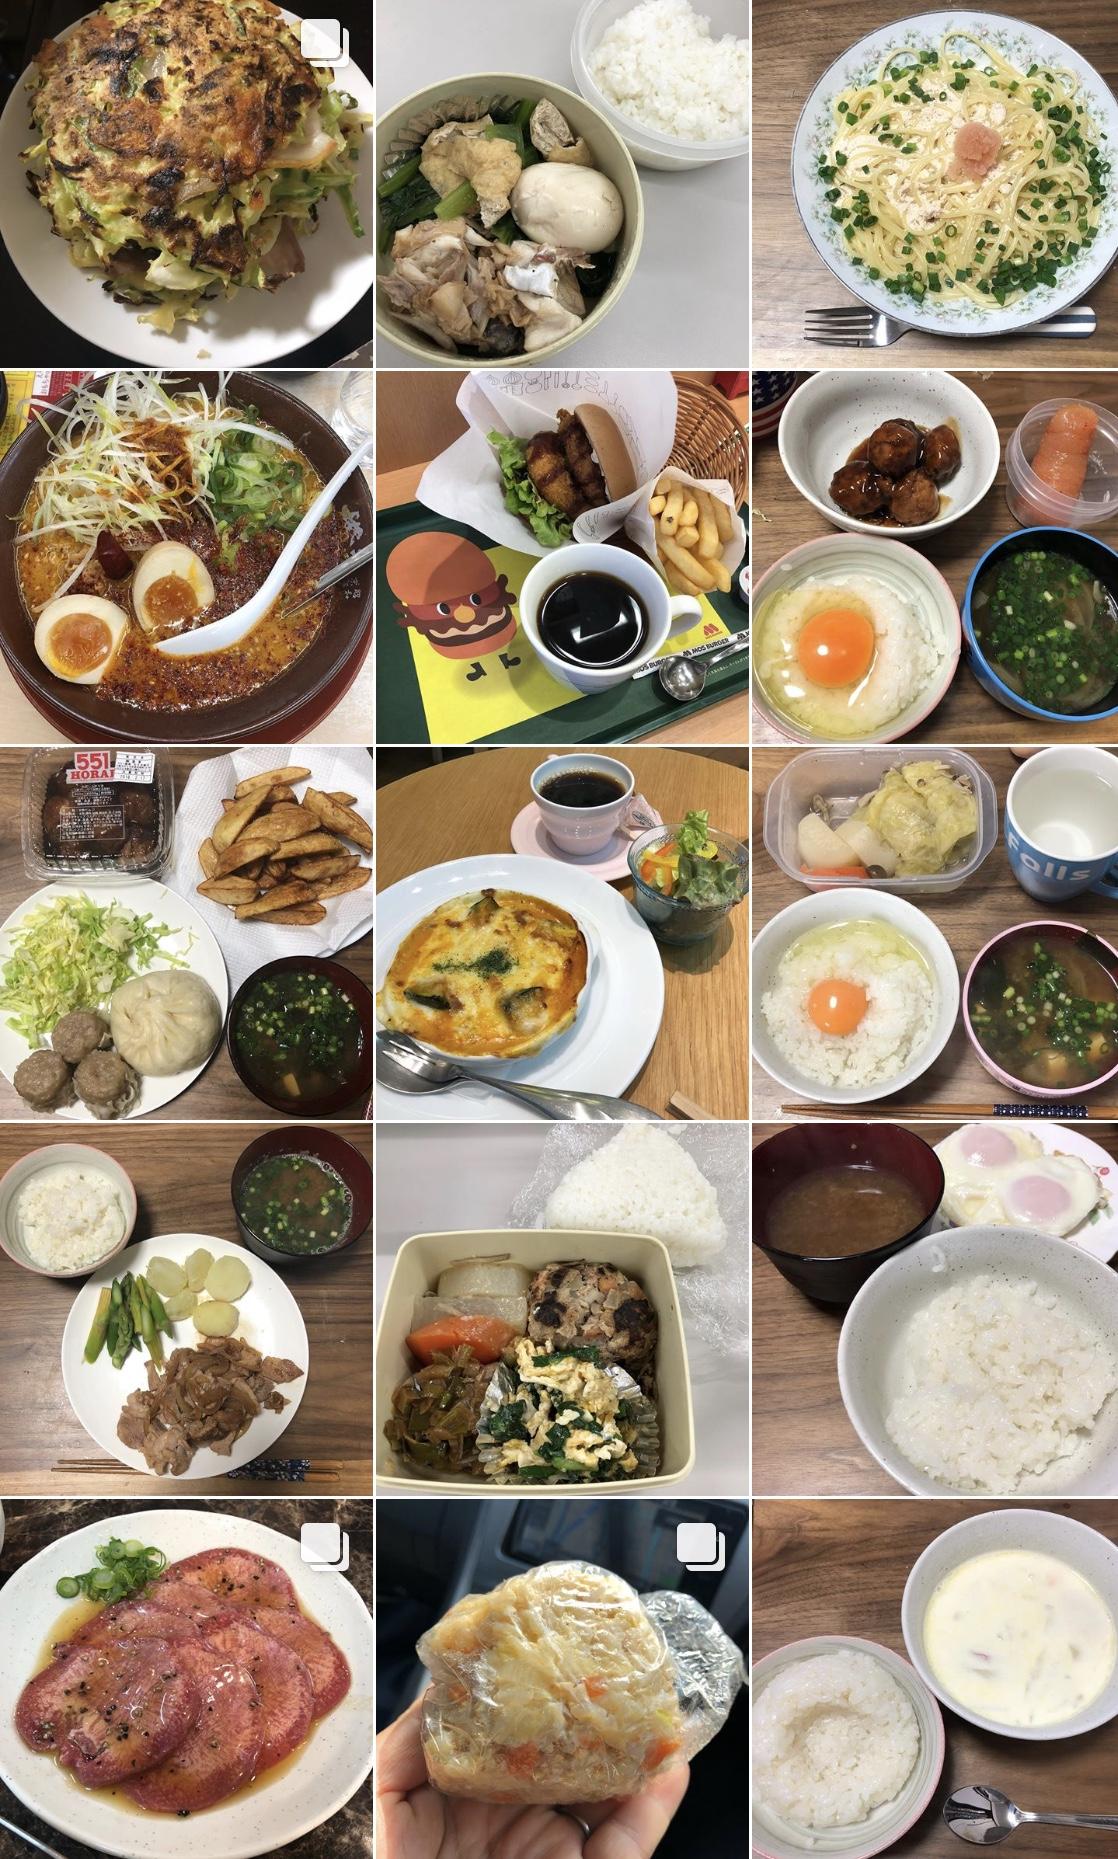 [実践レポ]『40代からの食べてやせるキレイな体のつくり方』[書評]〜バランスよく食事をしてやせる〜